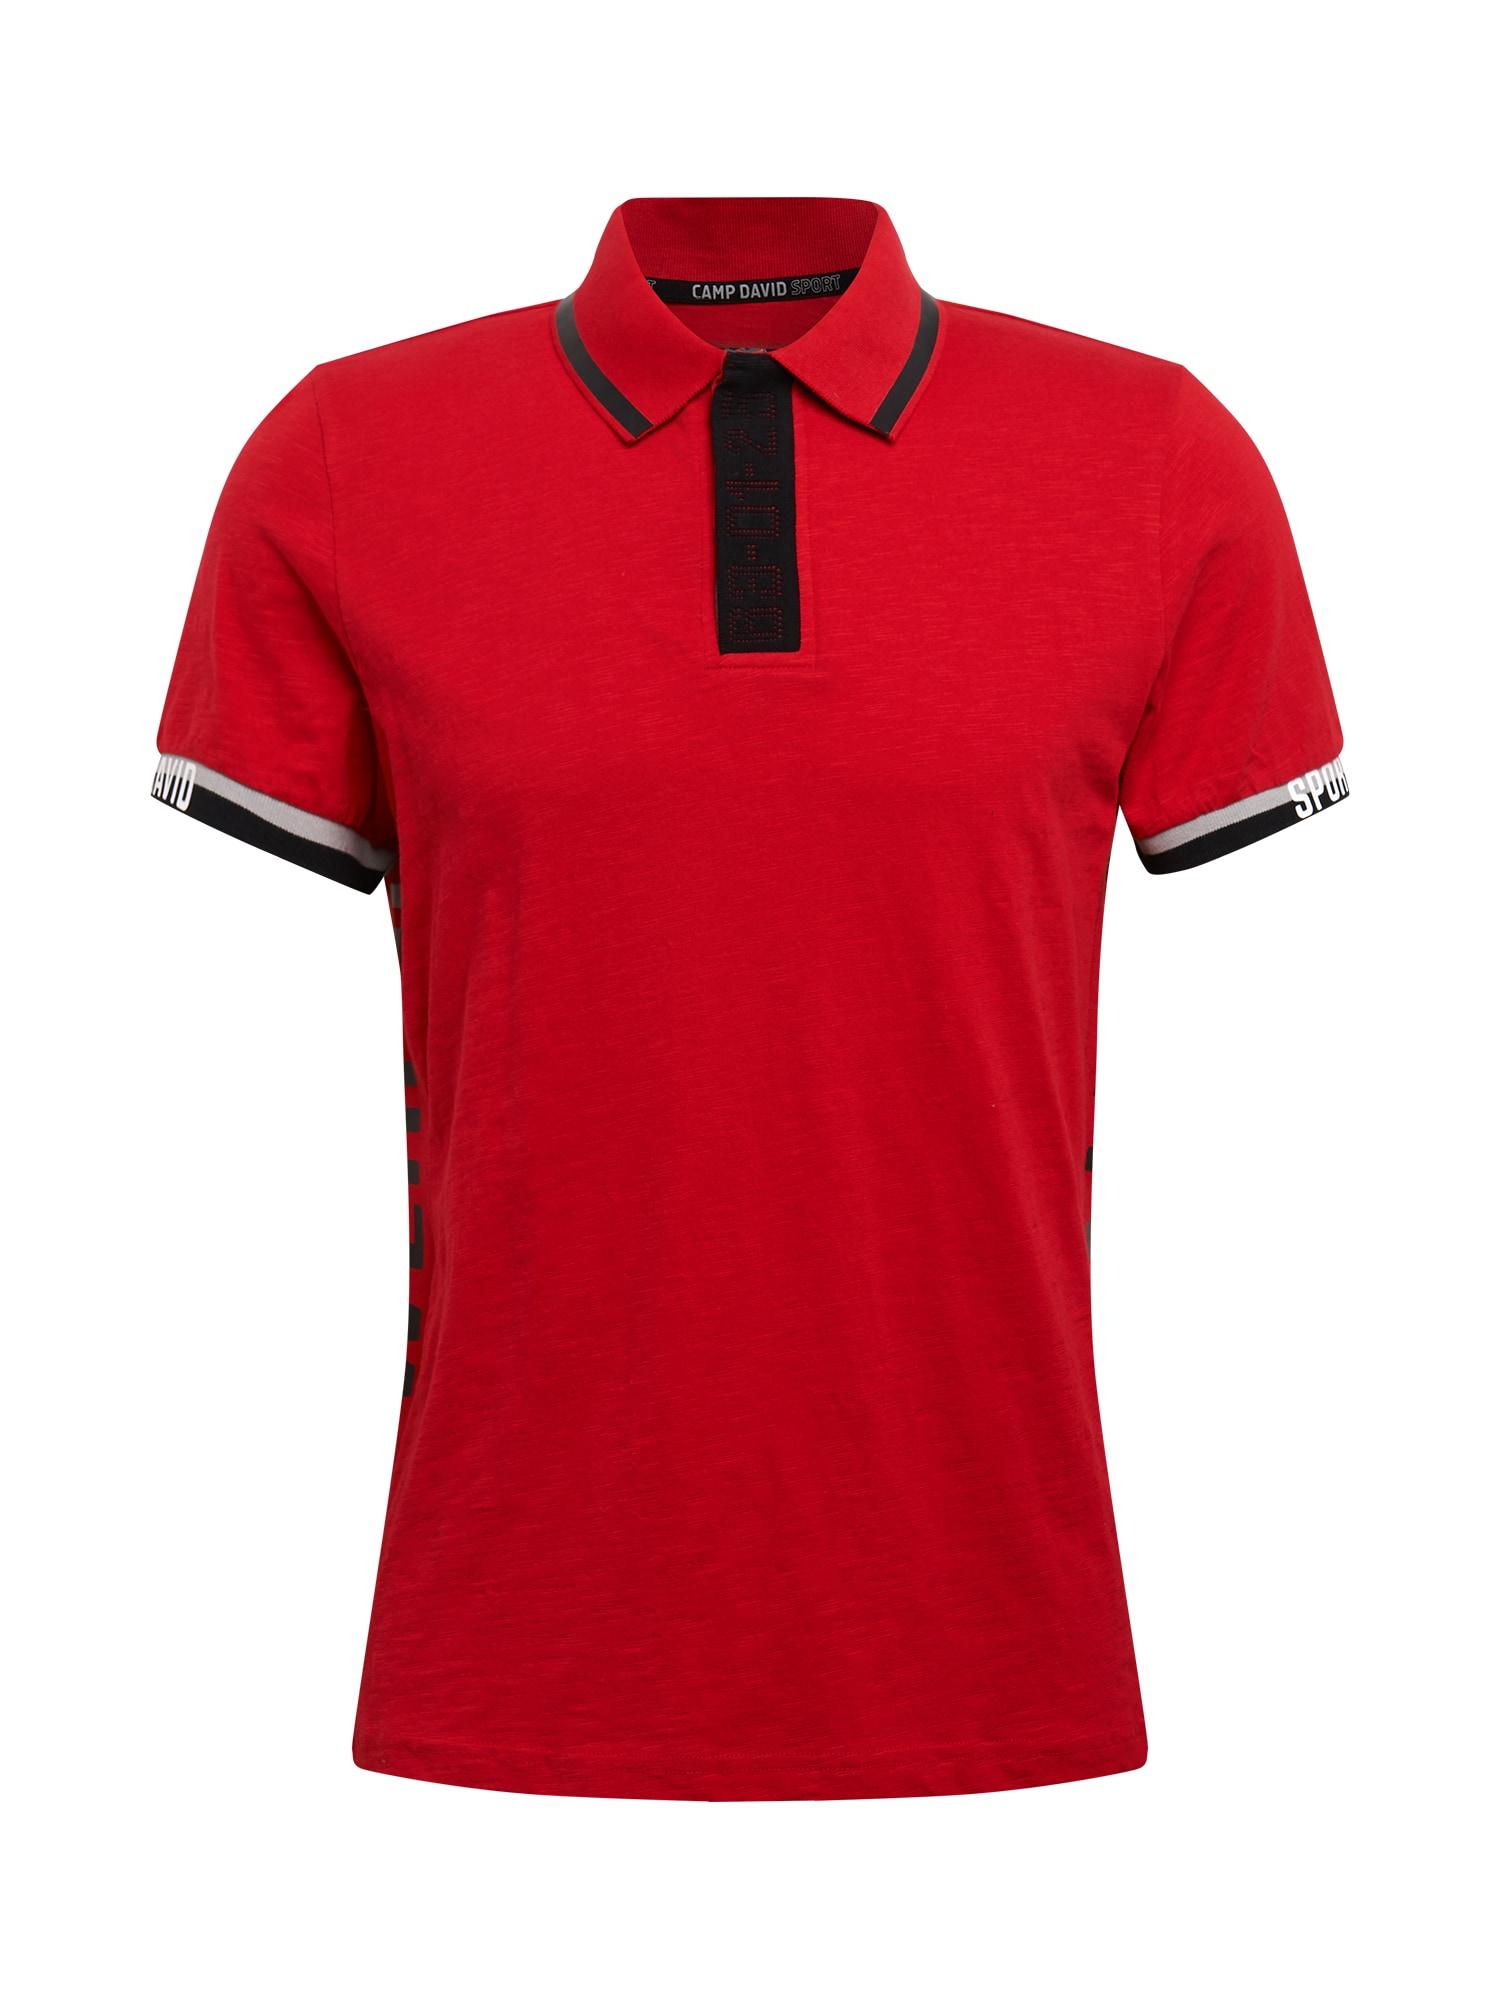 CAMP DAVID Marškinėliai raudona / juoda / šviesiai pilka